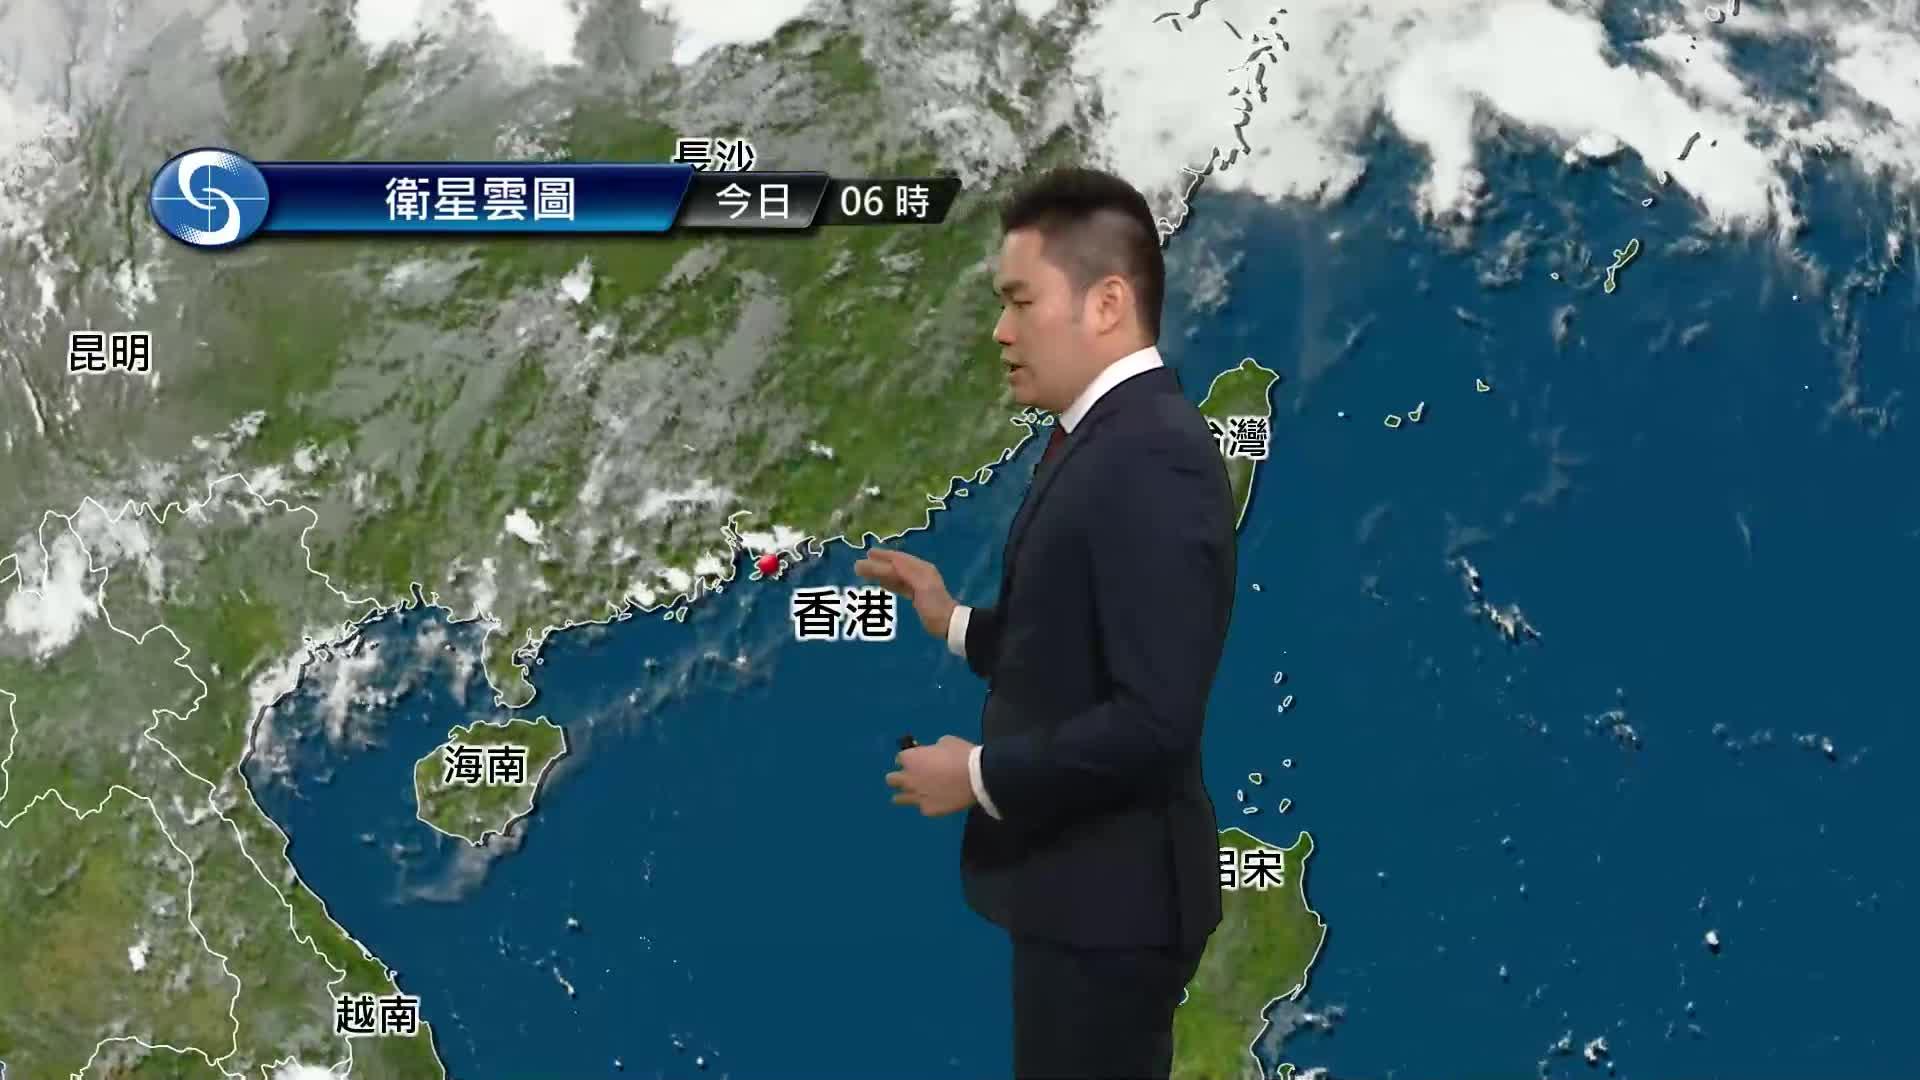 早晨天氣節目(05月14日上午8時) - 科學主任何俊傑